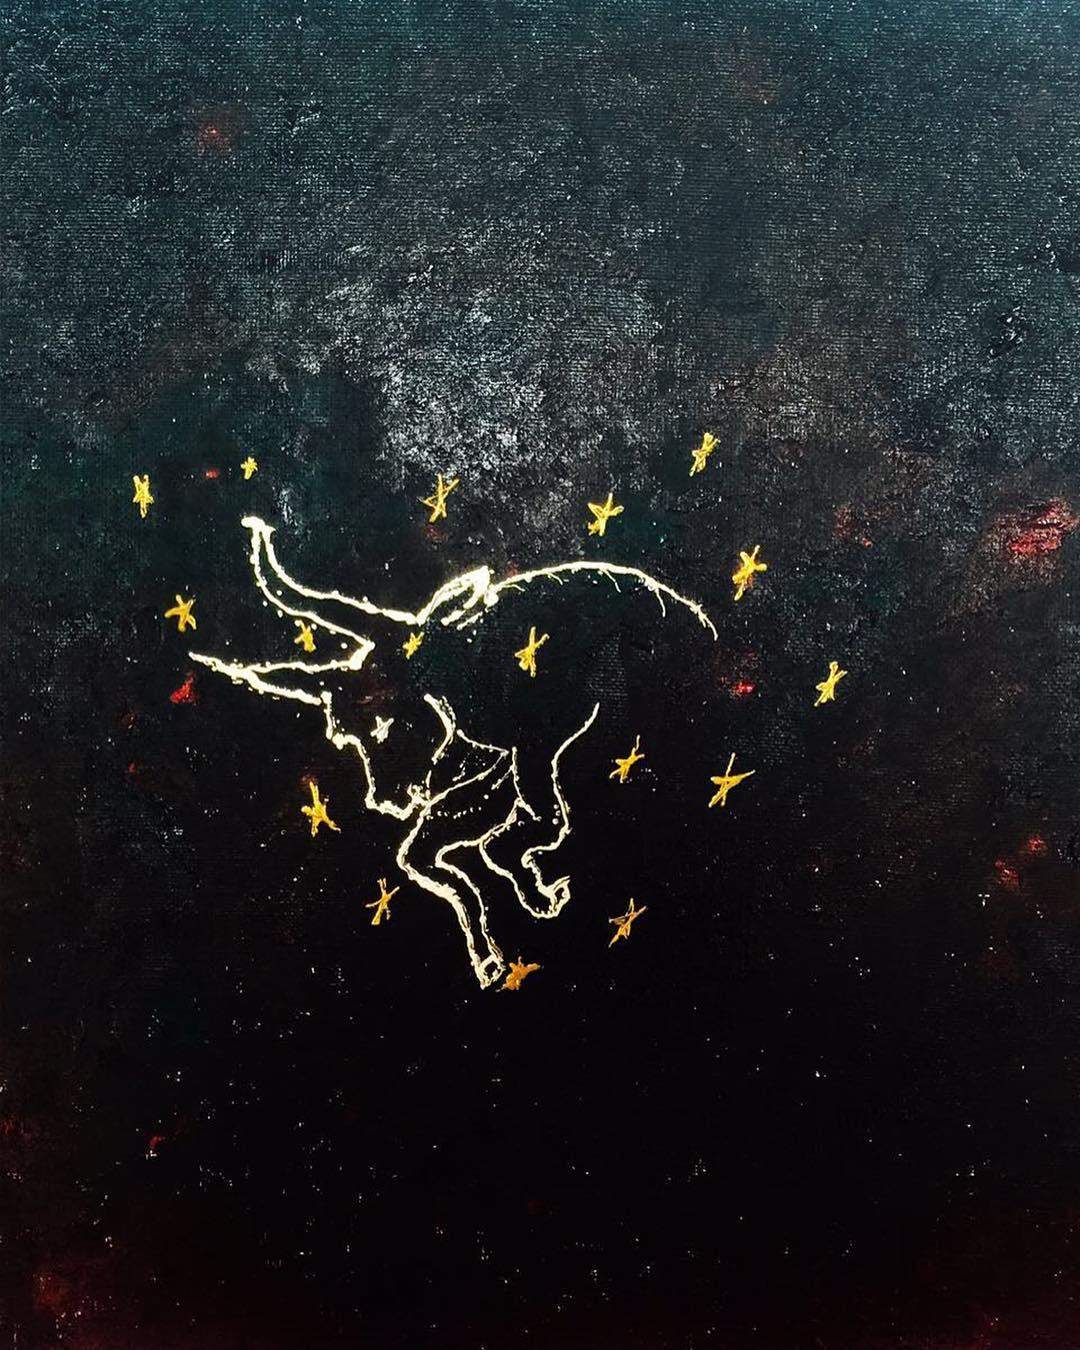 Телец-картина-оберег-защита-Мехди